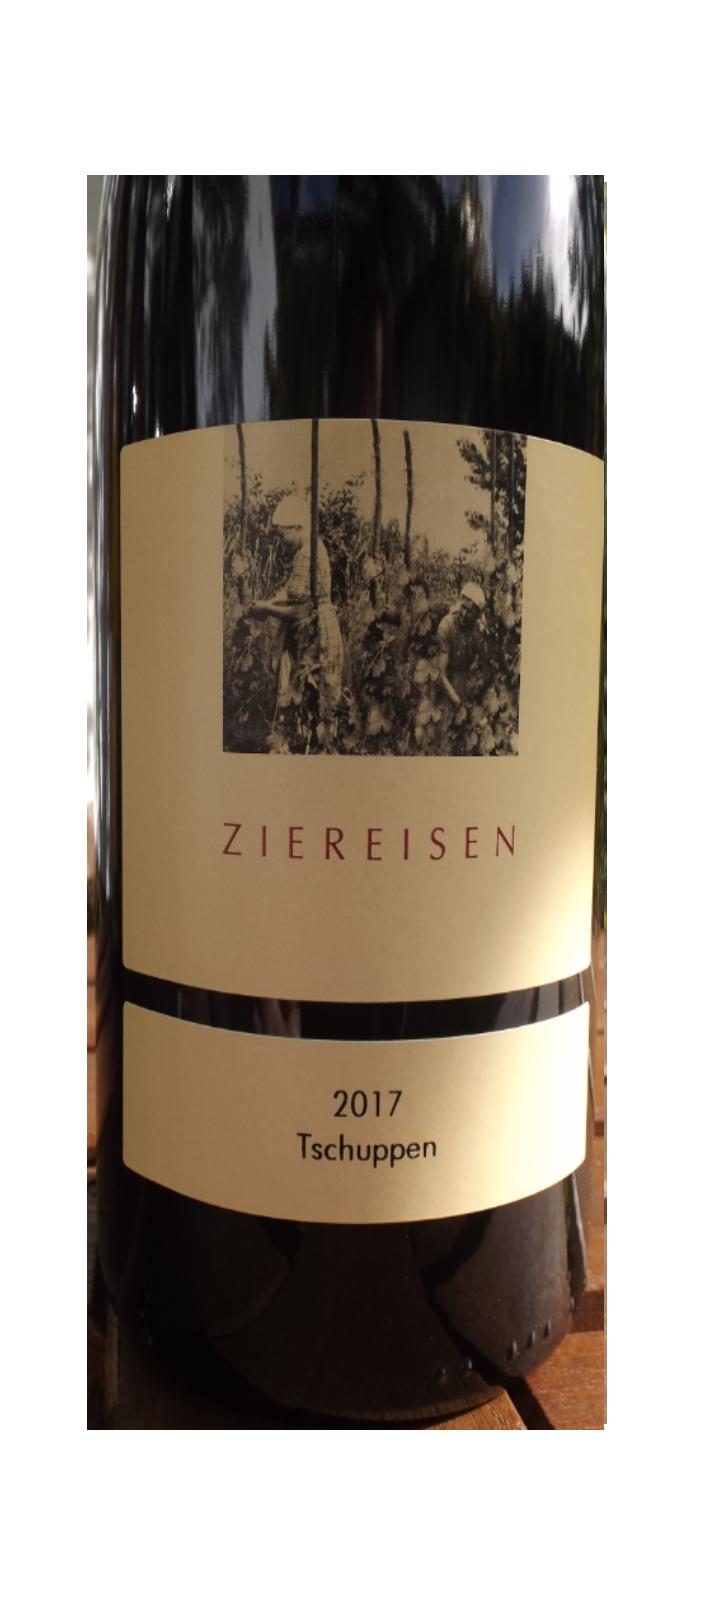 Weingut Ziereisen /Bade - Tschuppen 2017 Pinot Noir